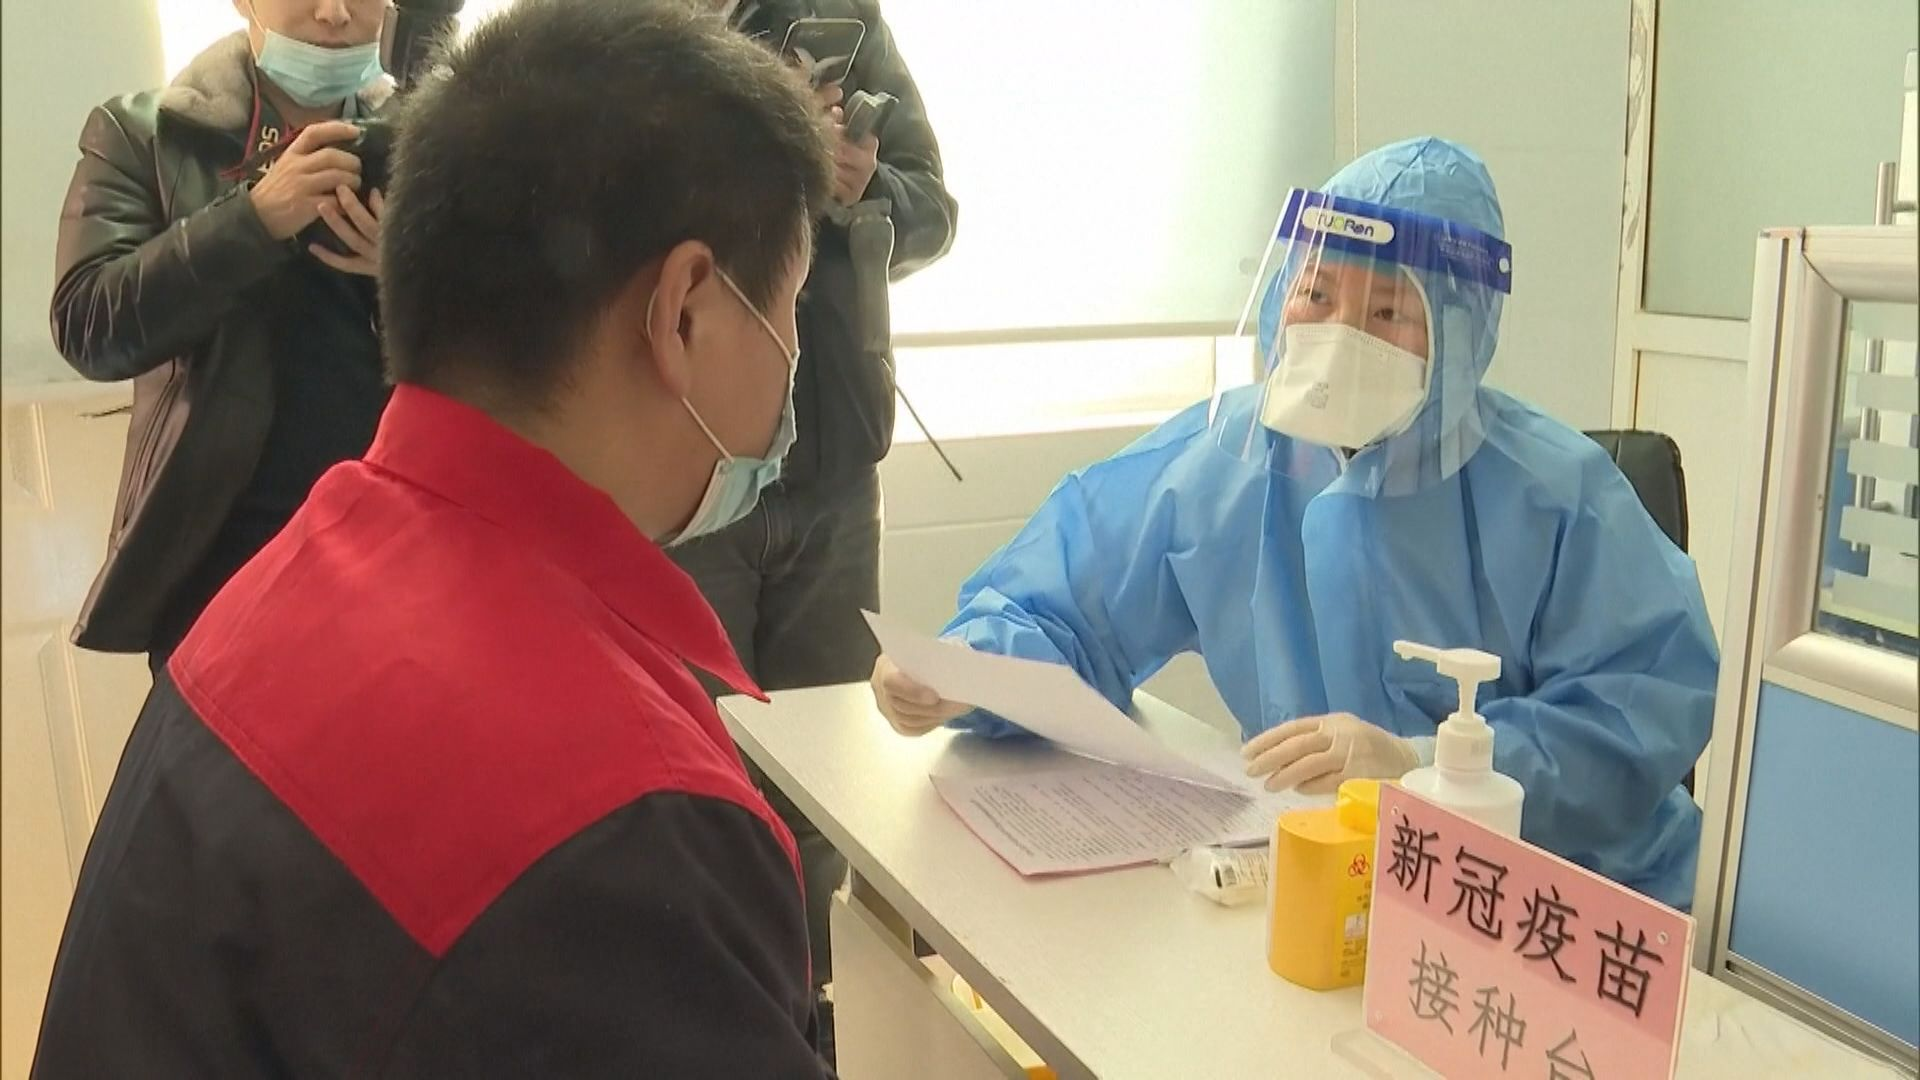 衞健委公布疫苗接種指南 推薦18歲或以上人士接種